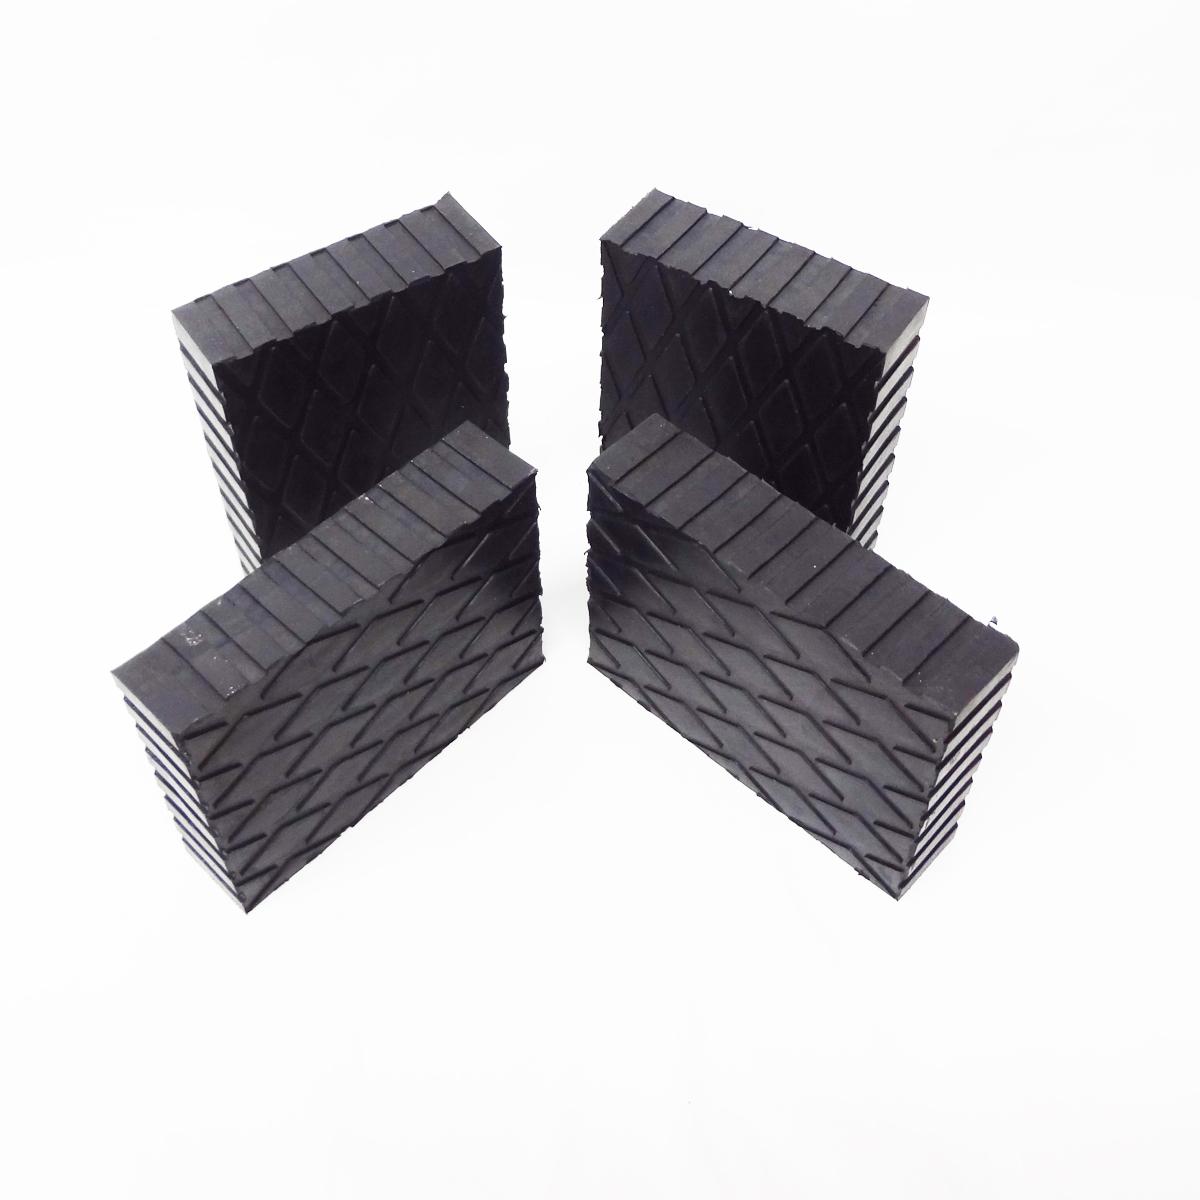 Solid Rubber Lift Block Pad 6 Quot X 4 3 4 Quot X 1 5 Quot Set Of 4